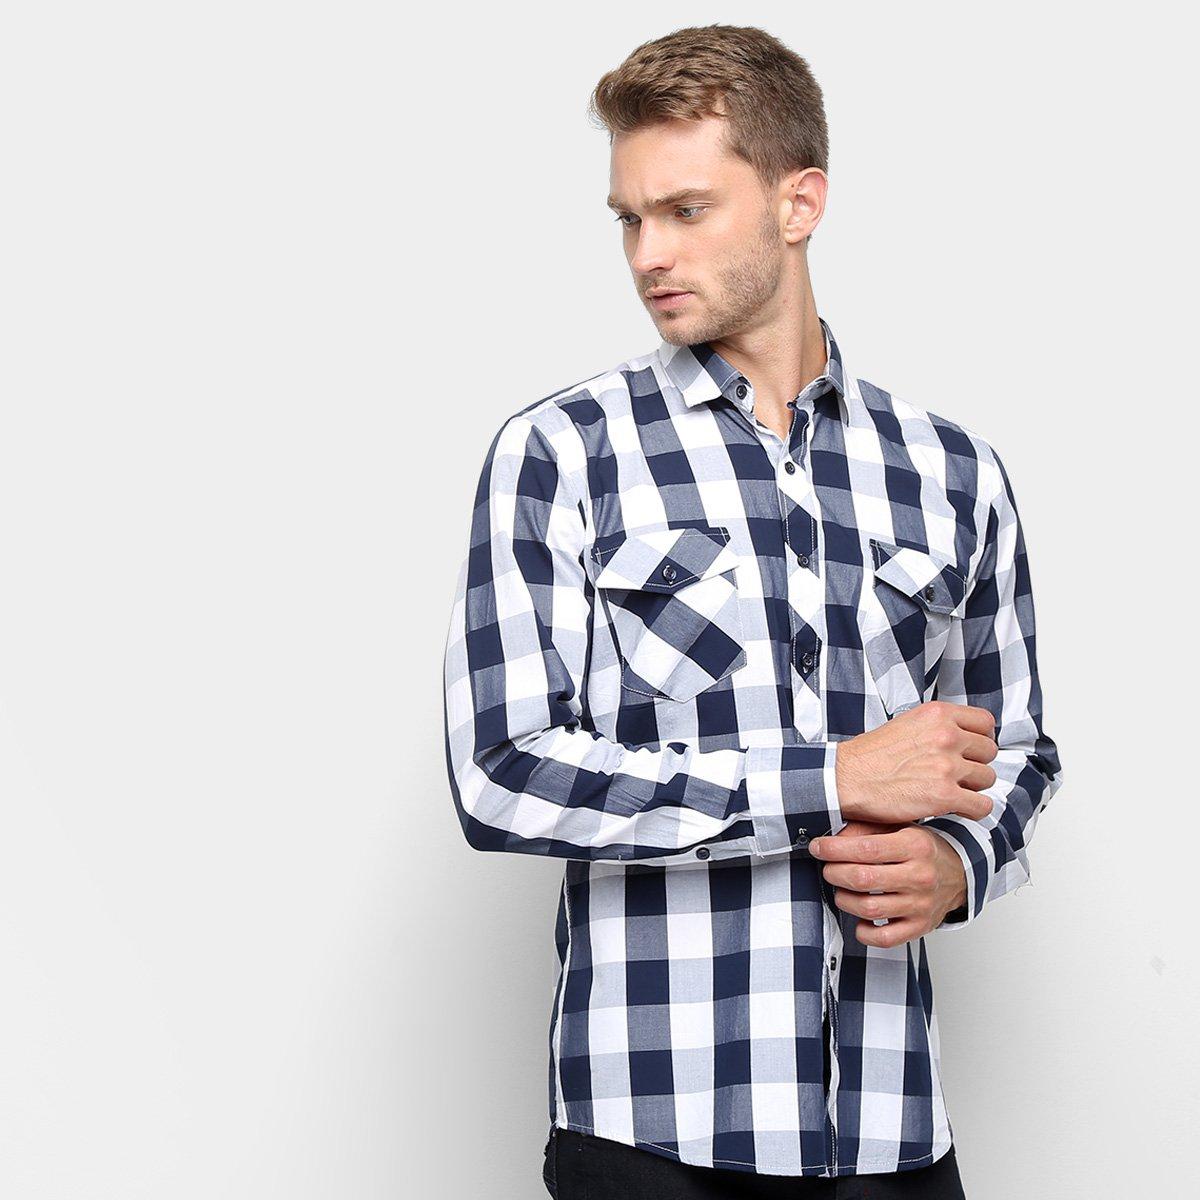 7489099c605d Camisa Xadrez Watkins & Krown Masculina - Tam: 6 - Shopping TudoAzul